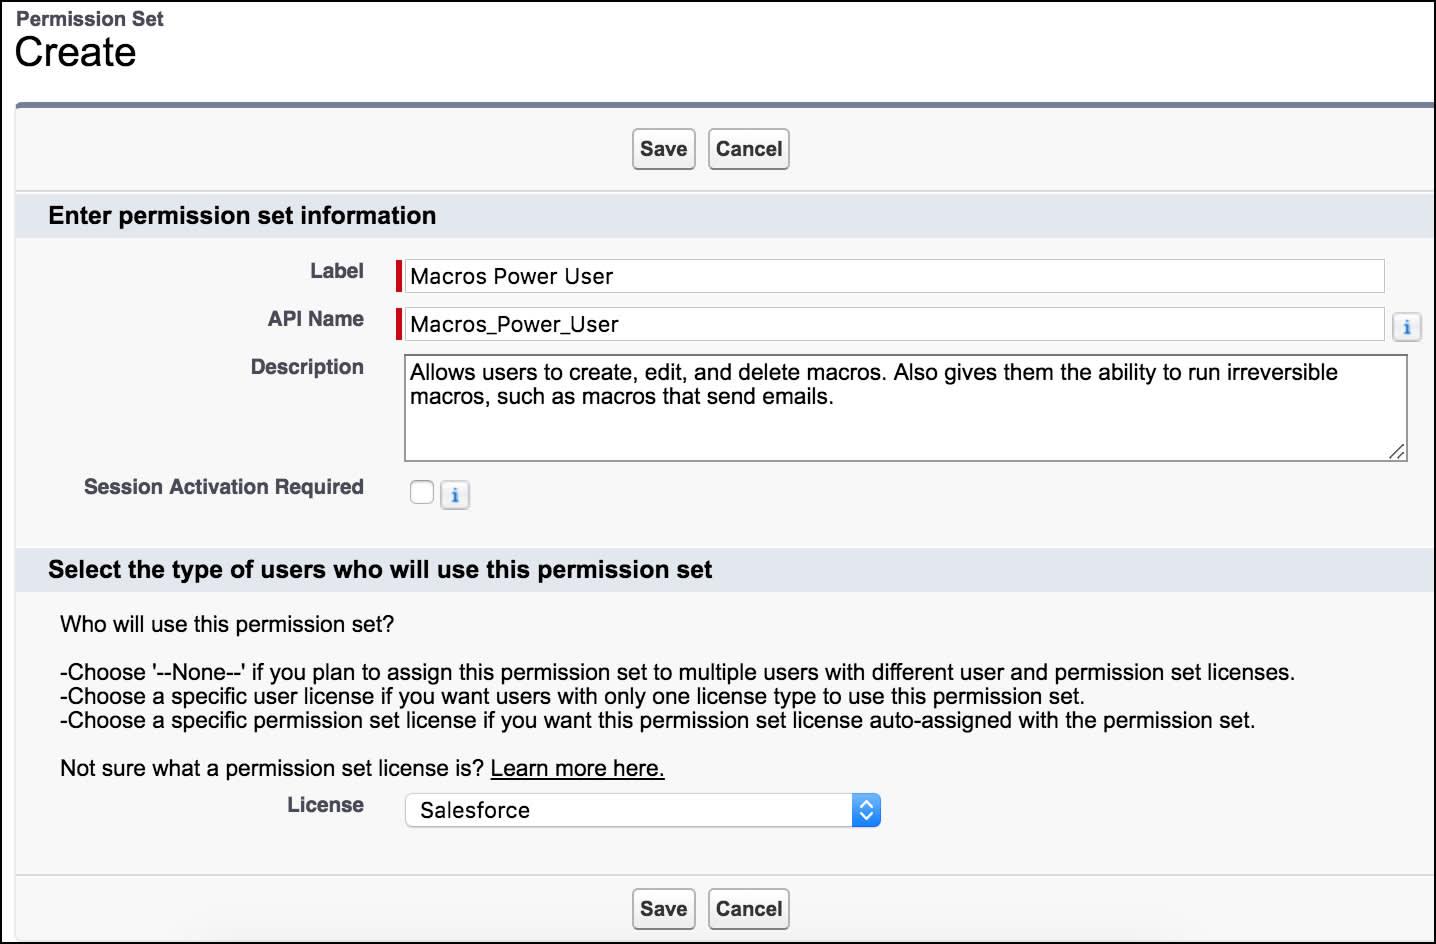 Page permettant de créer un ensemble d'autorisations, montrant des informations sur les macros